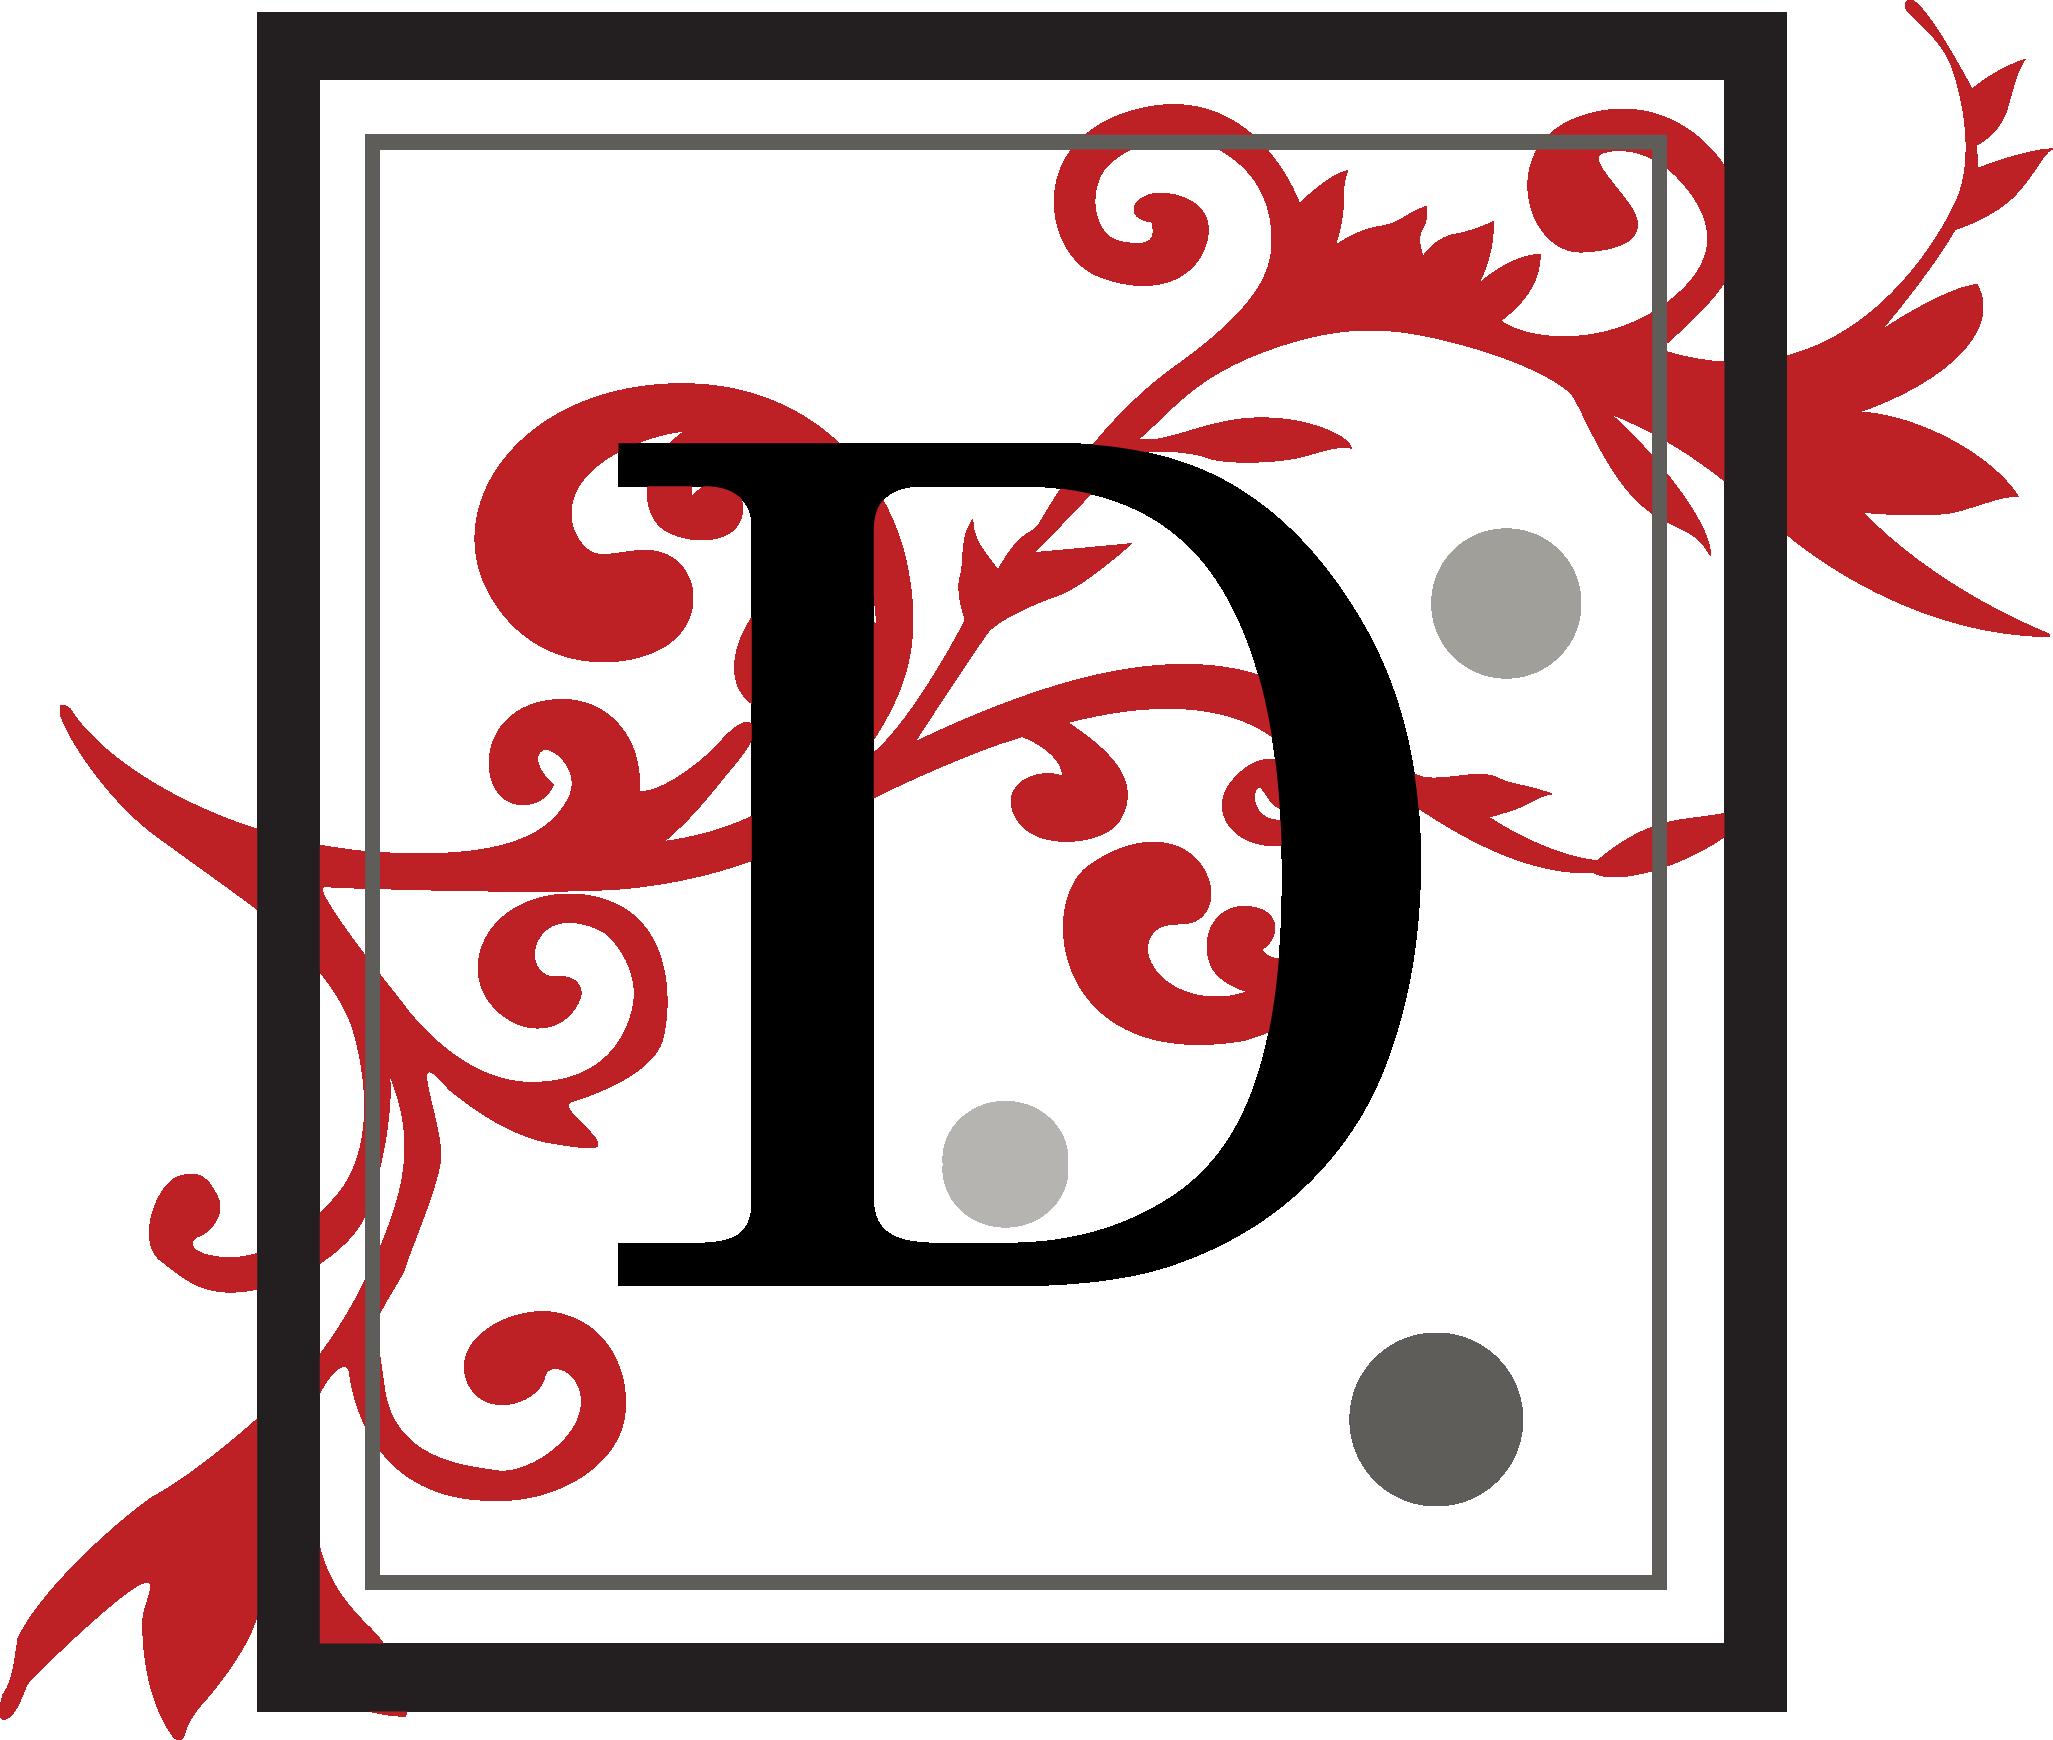 Fancy Square Letter D Svg File Svg Designs Svgdesigns Com Fancy Letters Svg Design Letter B